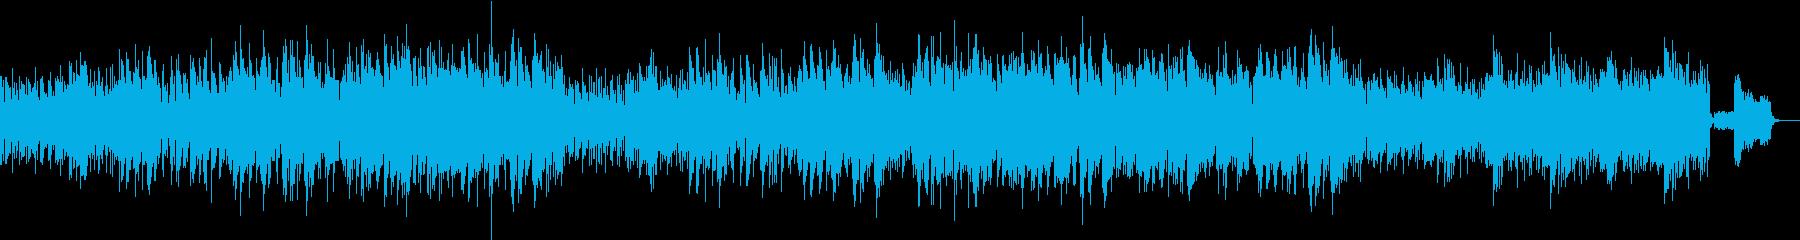 アーバンで透明感のあるボサノアヴァの再生済みの波形